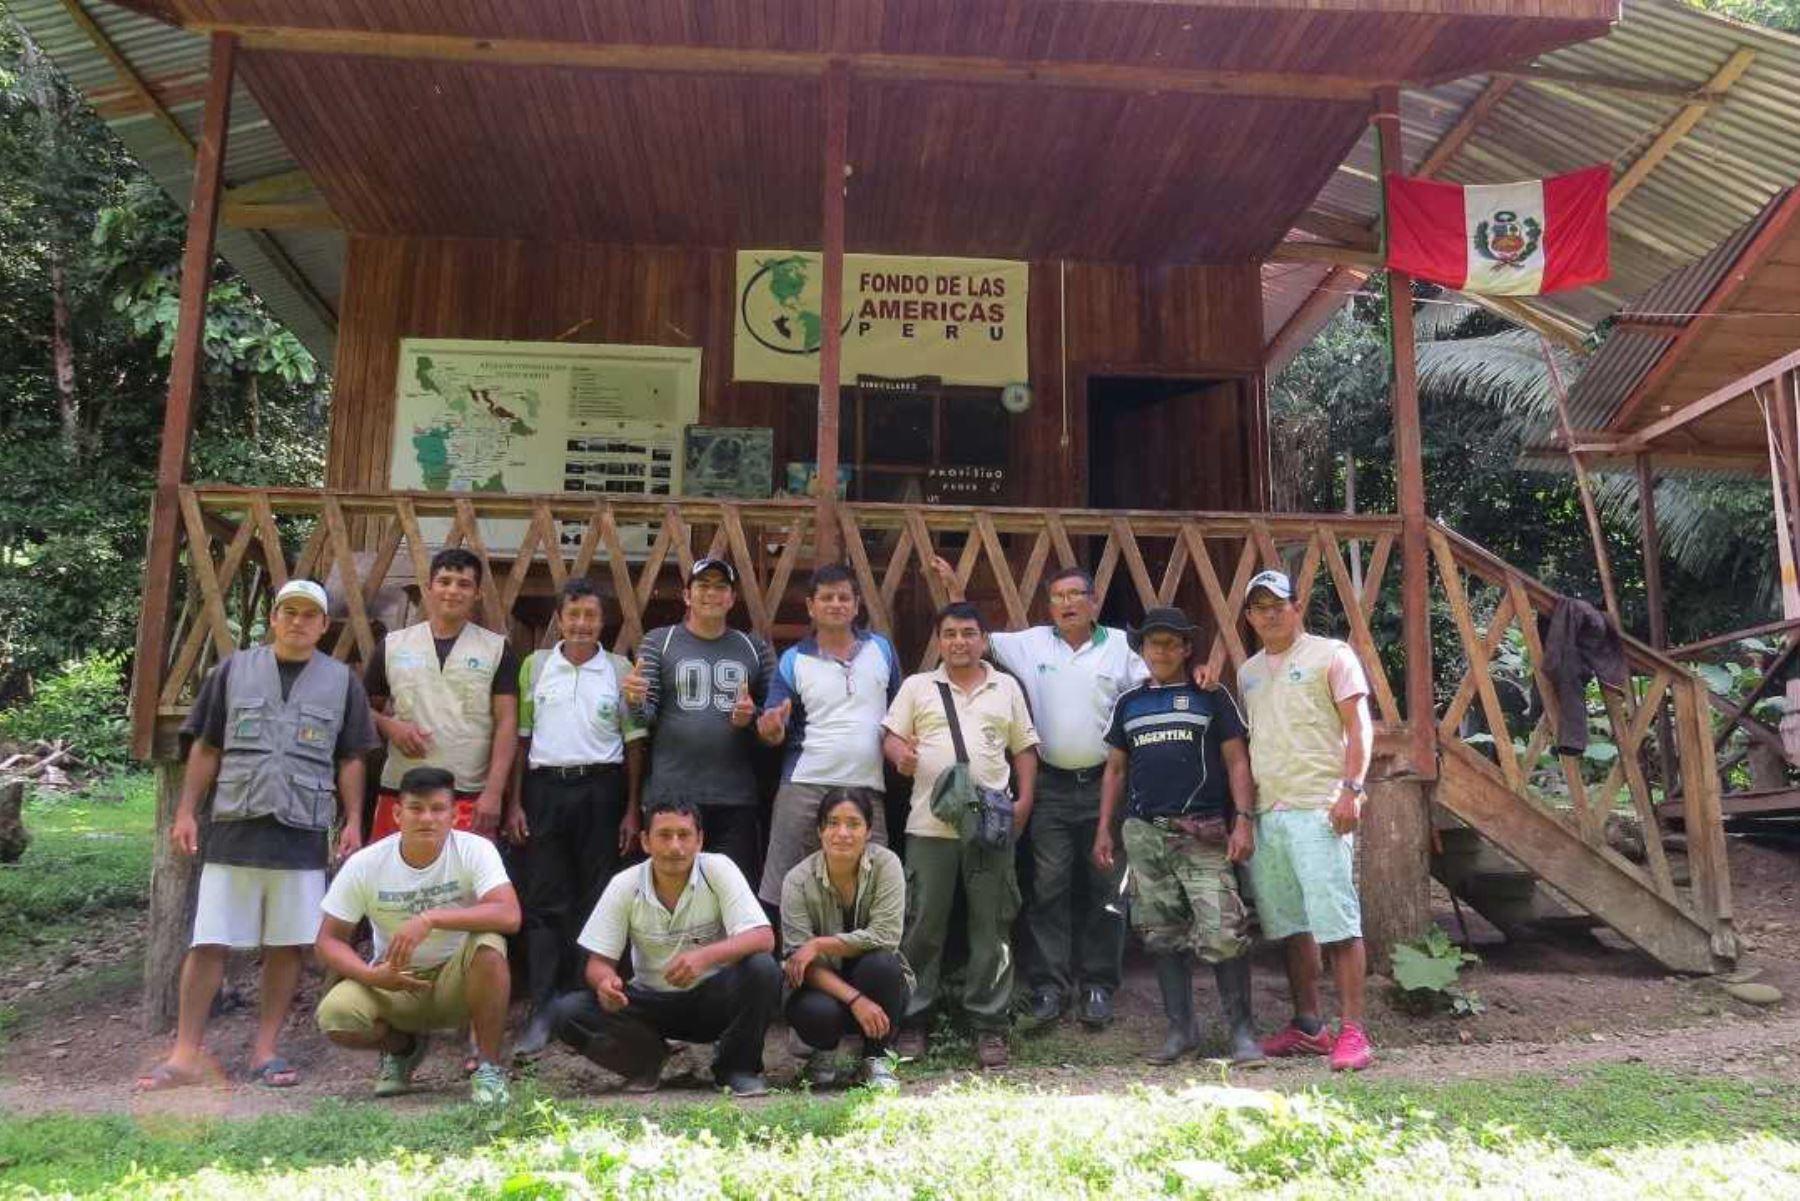 El trabajo desplegado por el Perú en gestión y gobernanza en las áreas naturales protegidas, con una legislación que sintonía con la sostenibilidad, y la articulación de esfuerzos entre las autoridades, en sus distintos niveles, y las comunidades indígenas, constituyen un referente de buenas prácticas para otros países de la región. ANDINA/Difusión